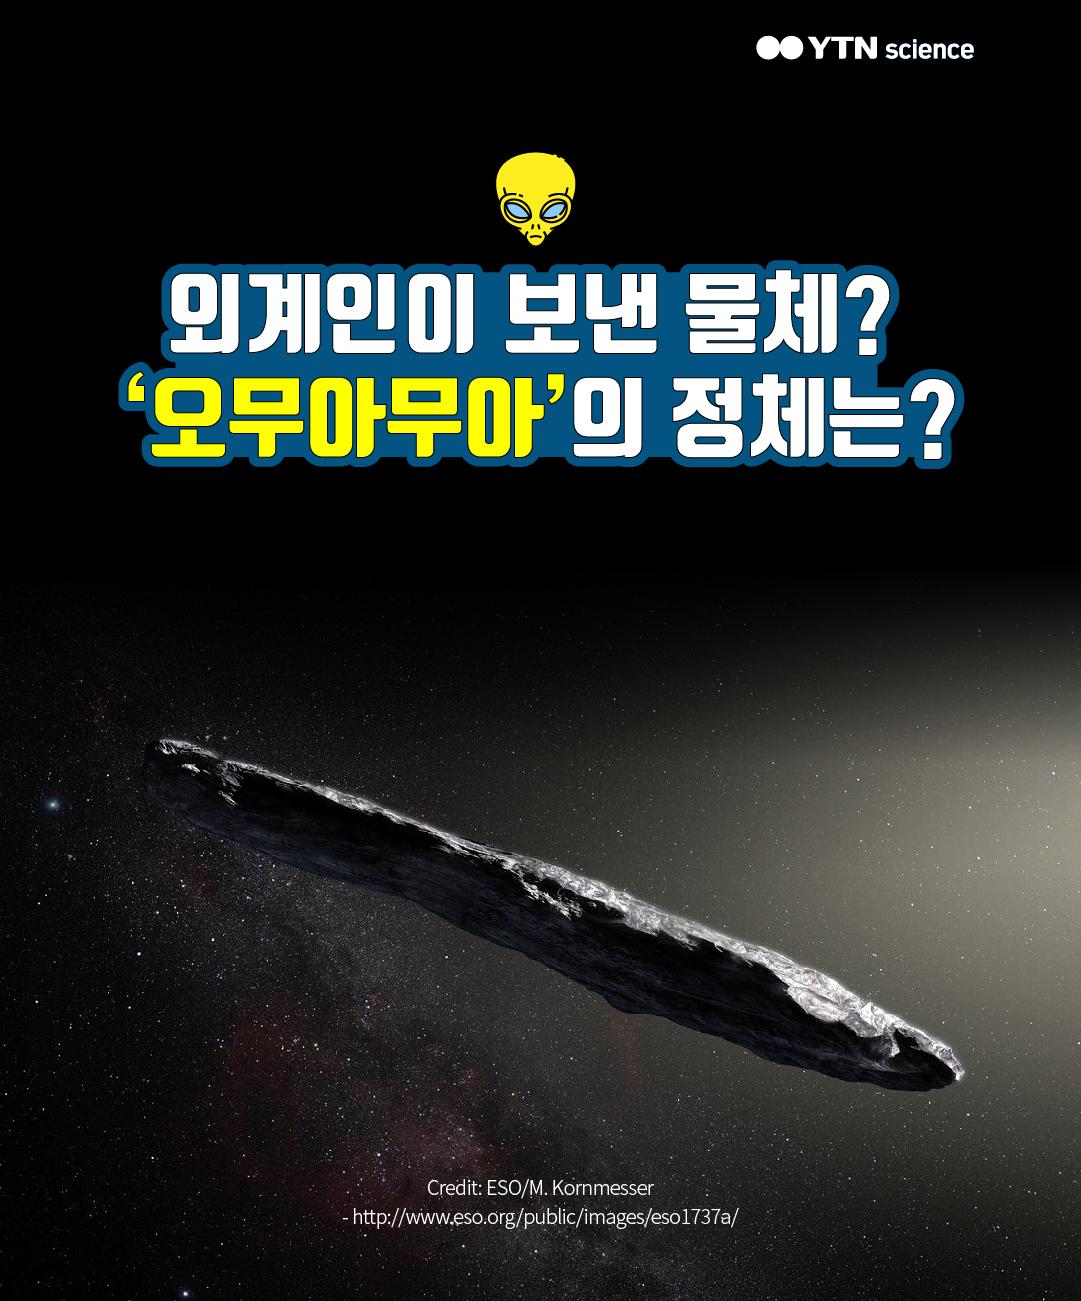 외계인이 보낸 물체? '오무아무아'의 정체는? 이미지